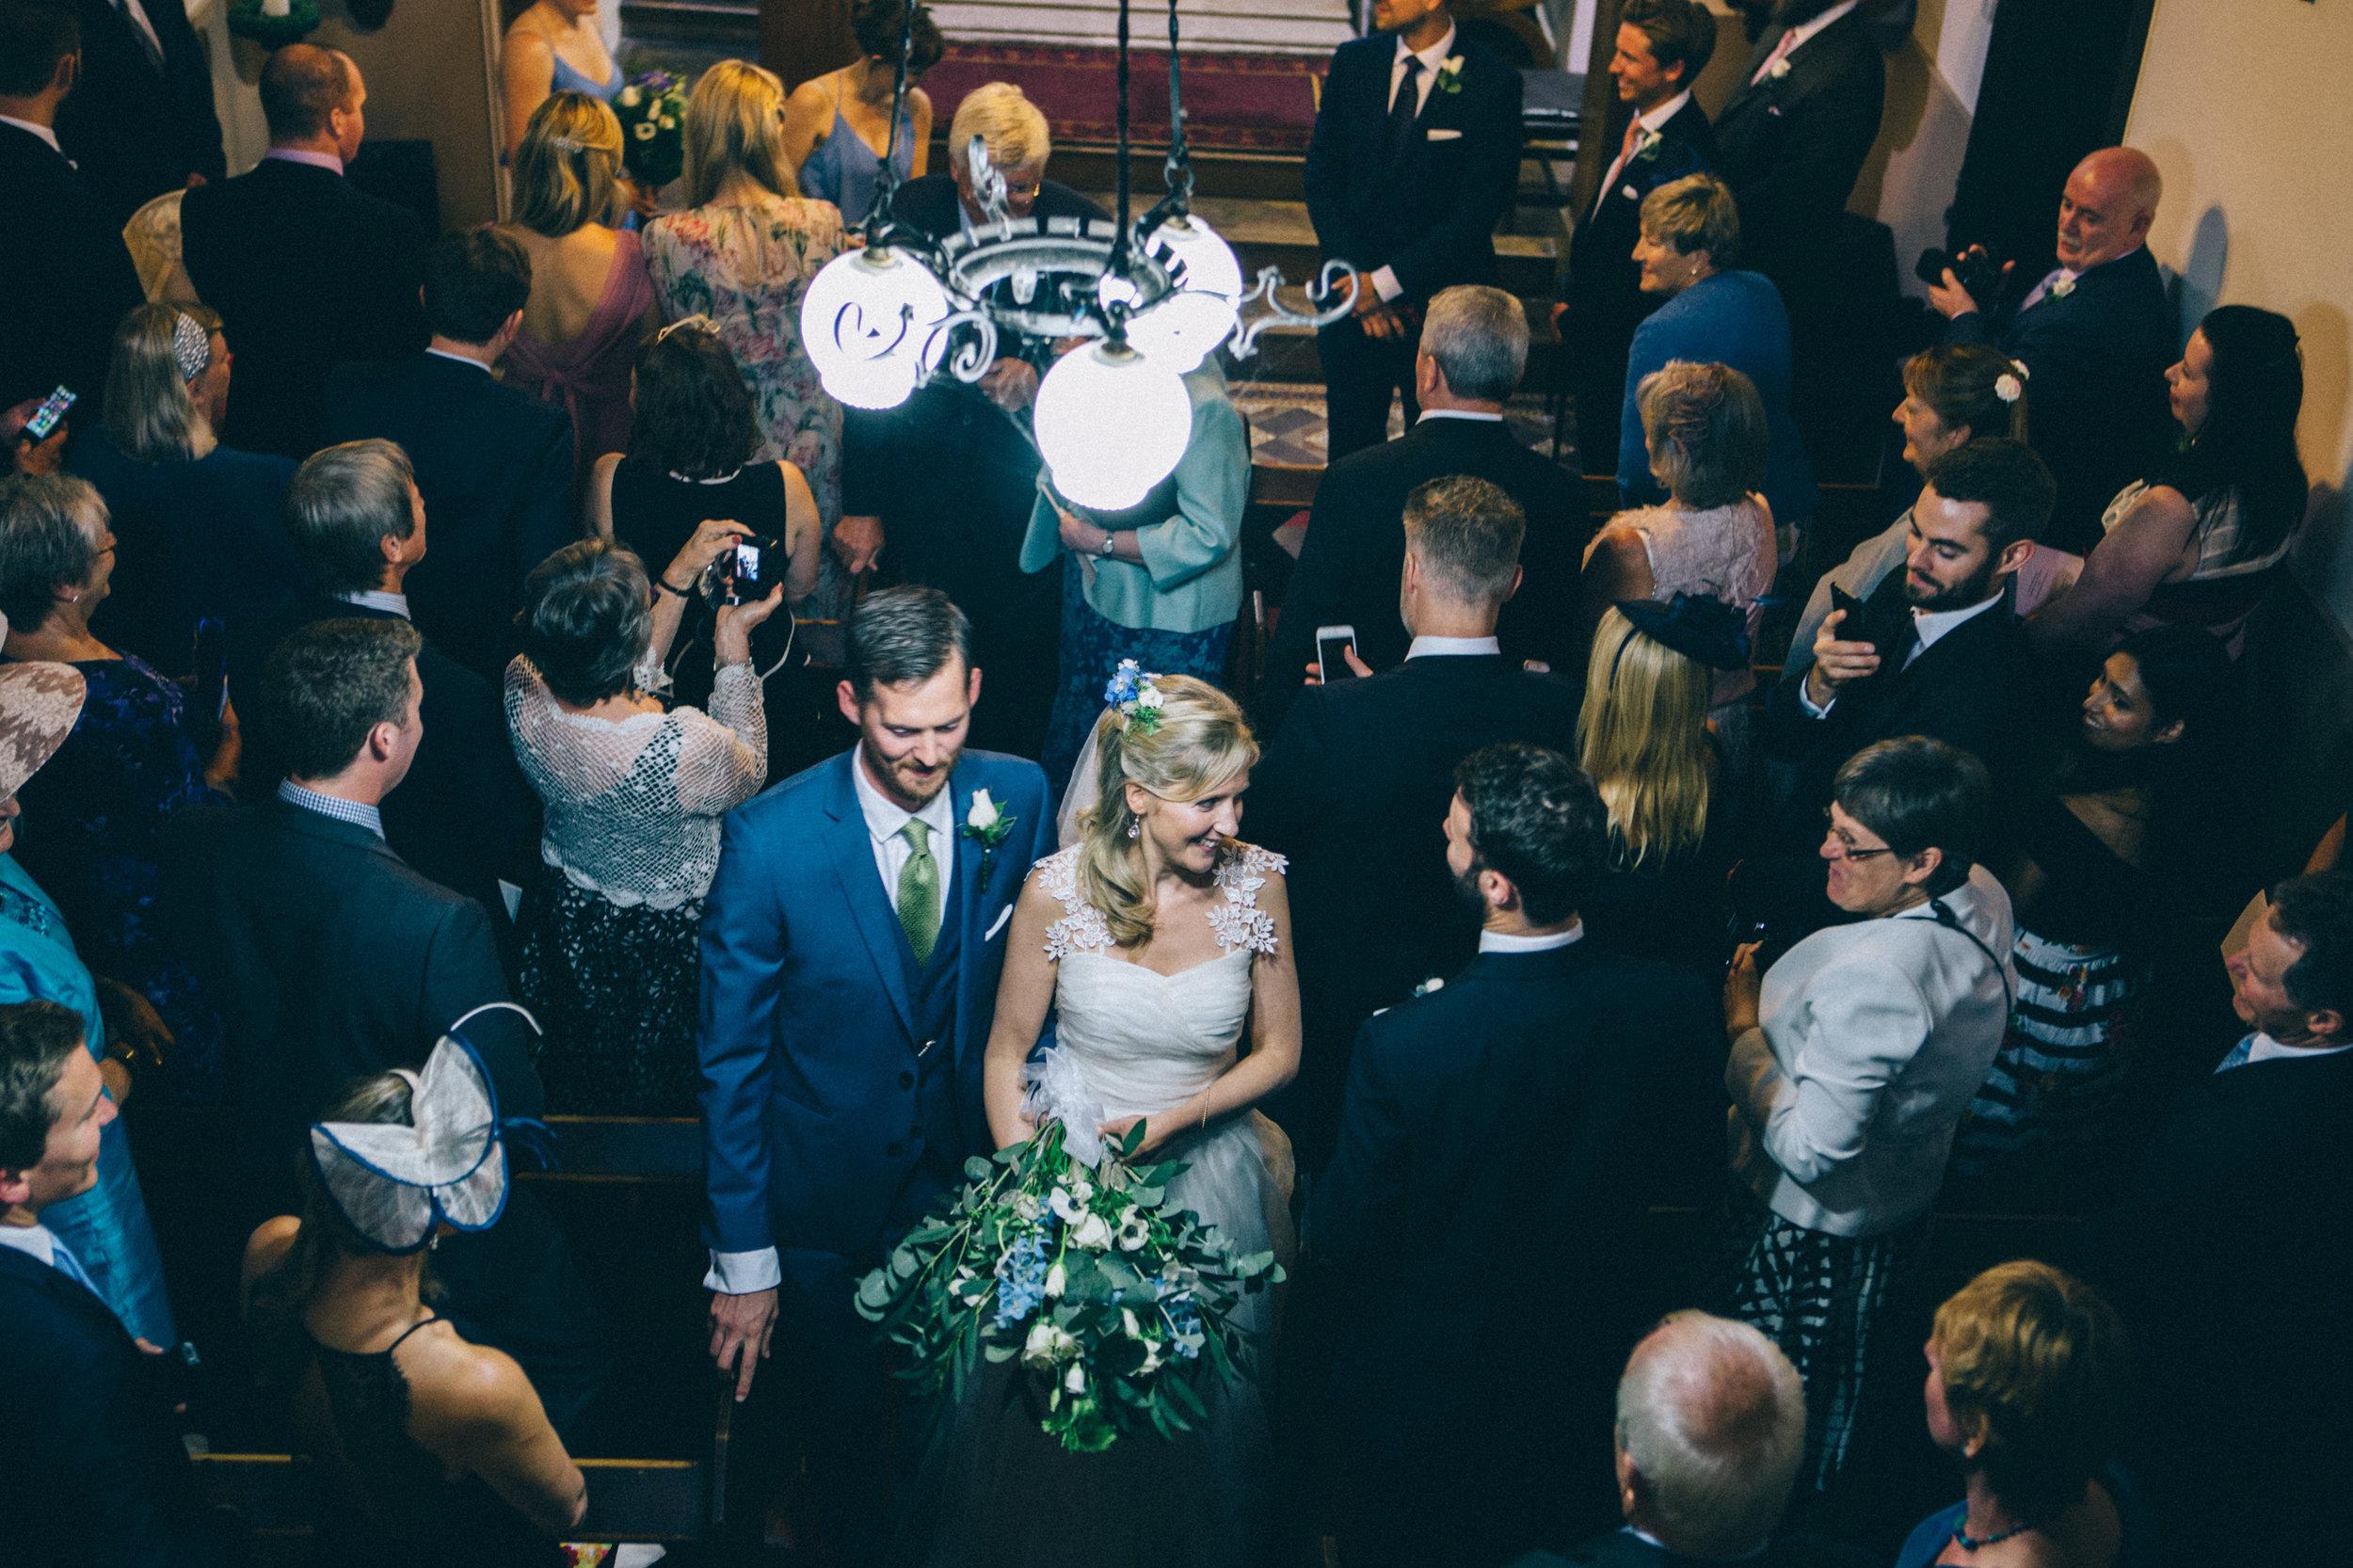 uk wedding photographer artistic wedding photography-69.jpg